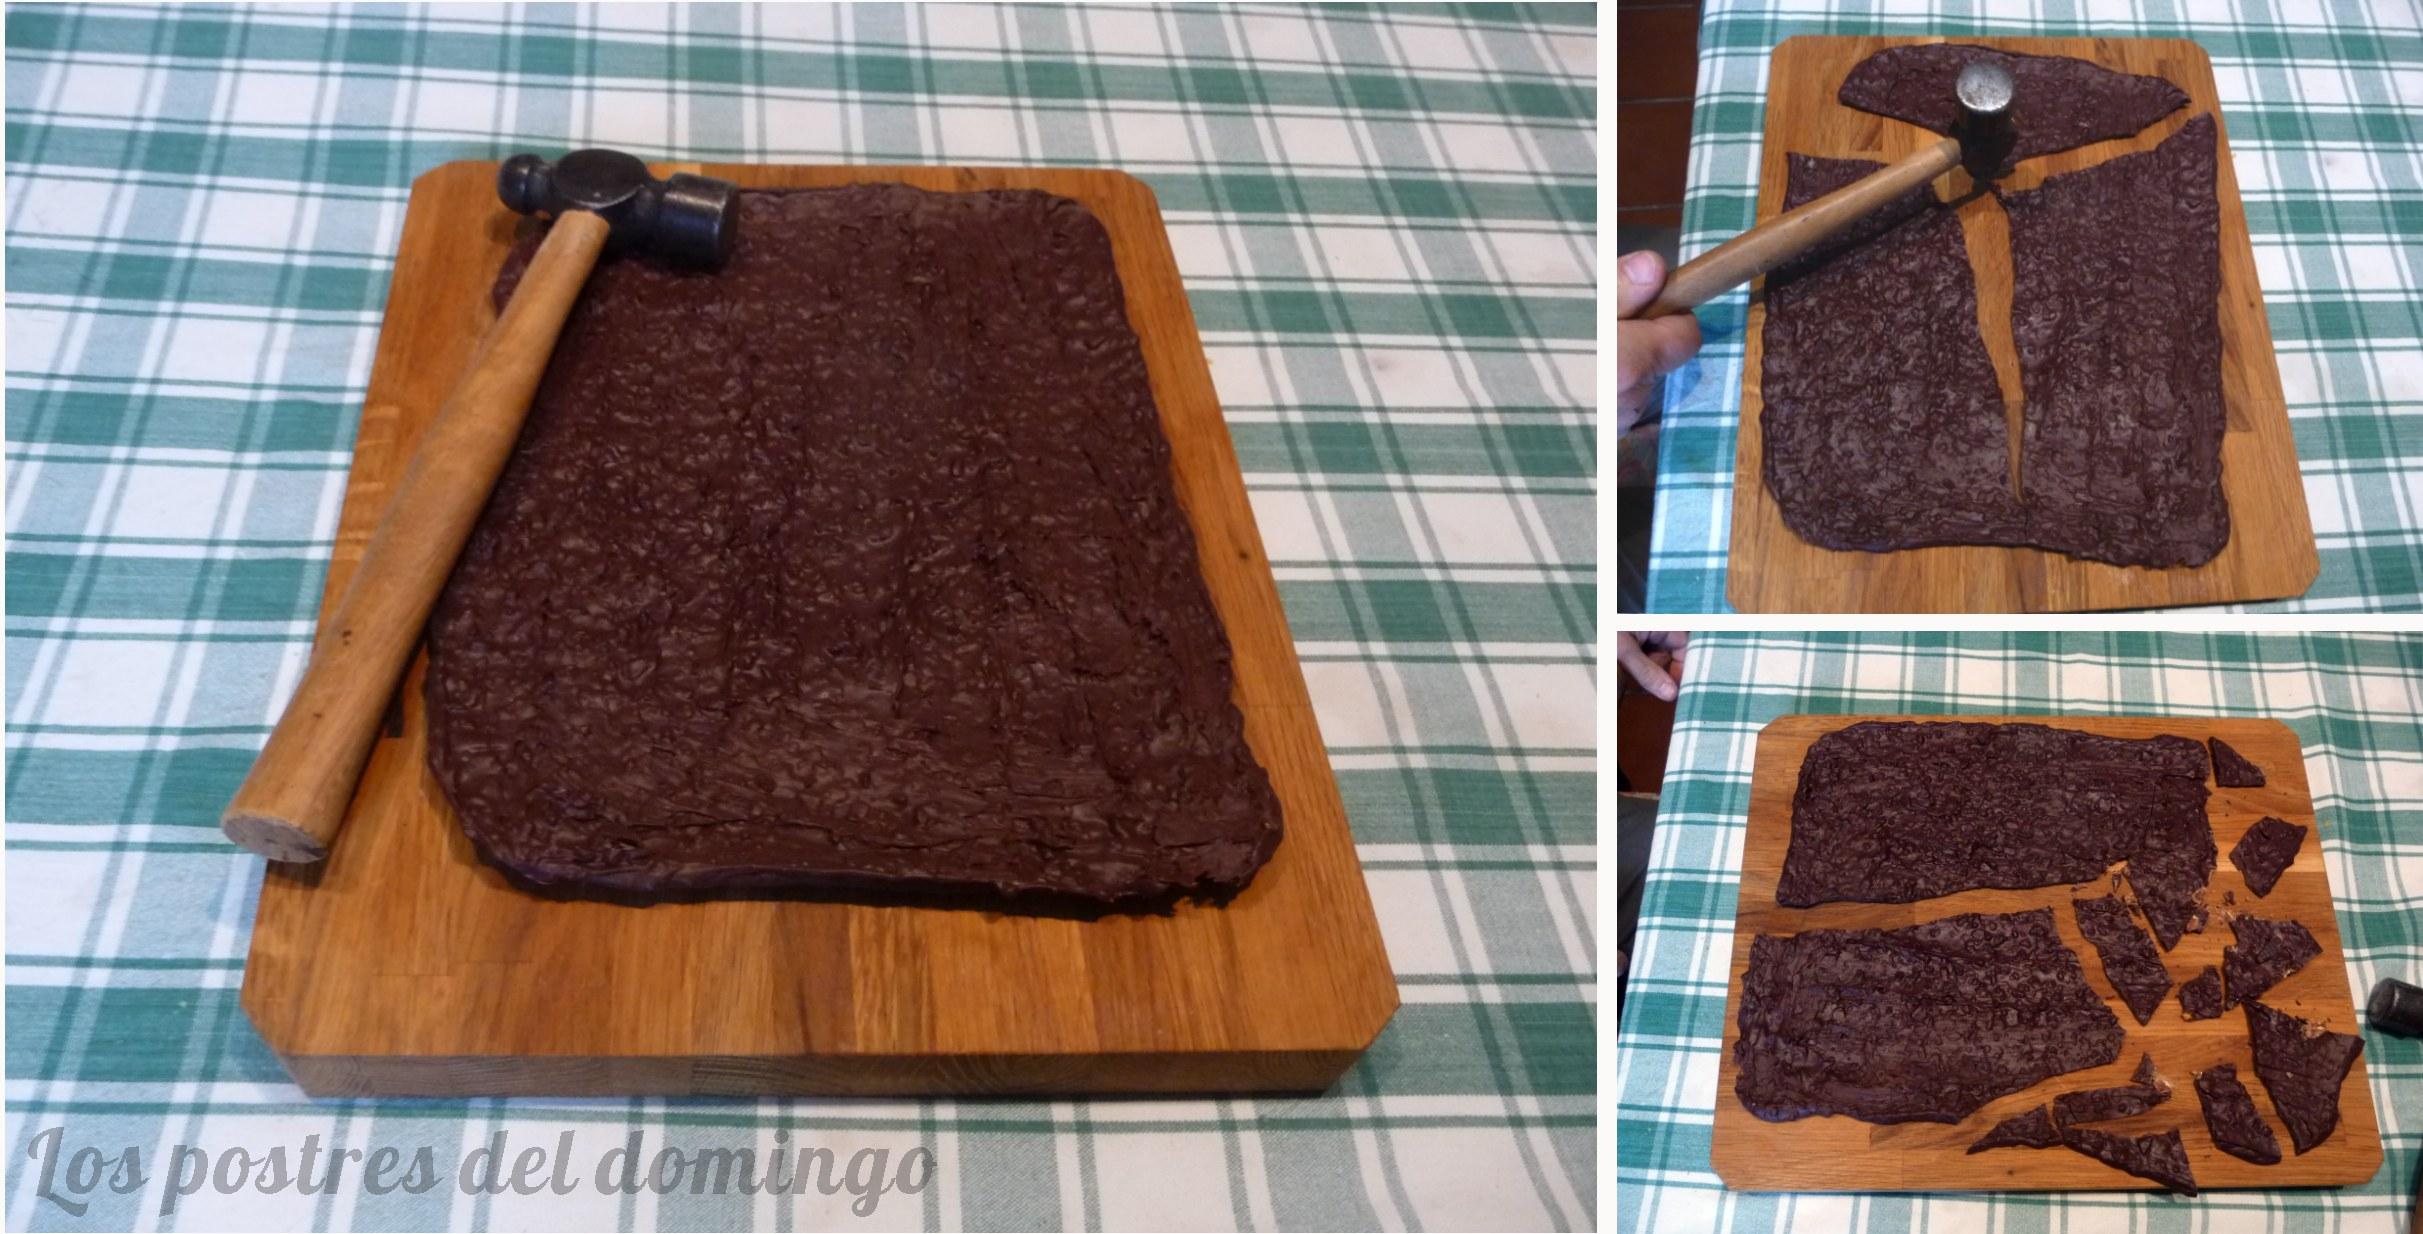 Chocolate martillo